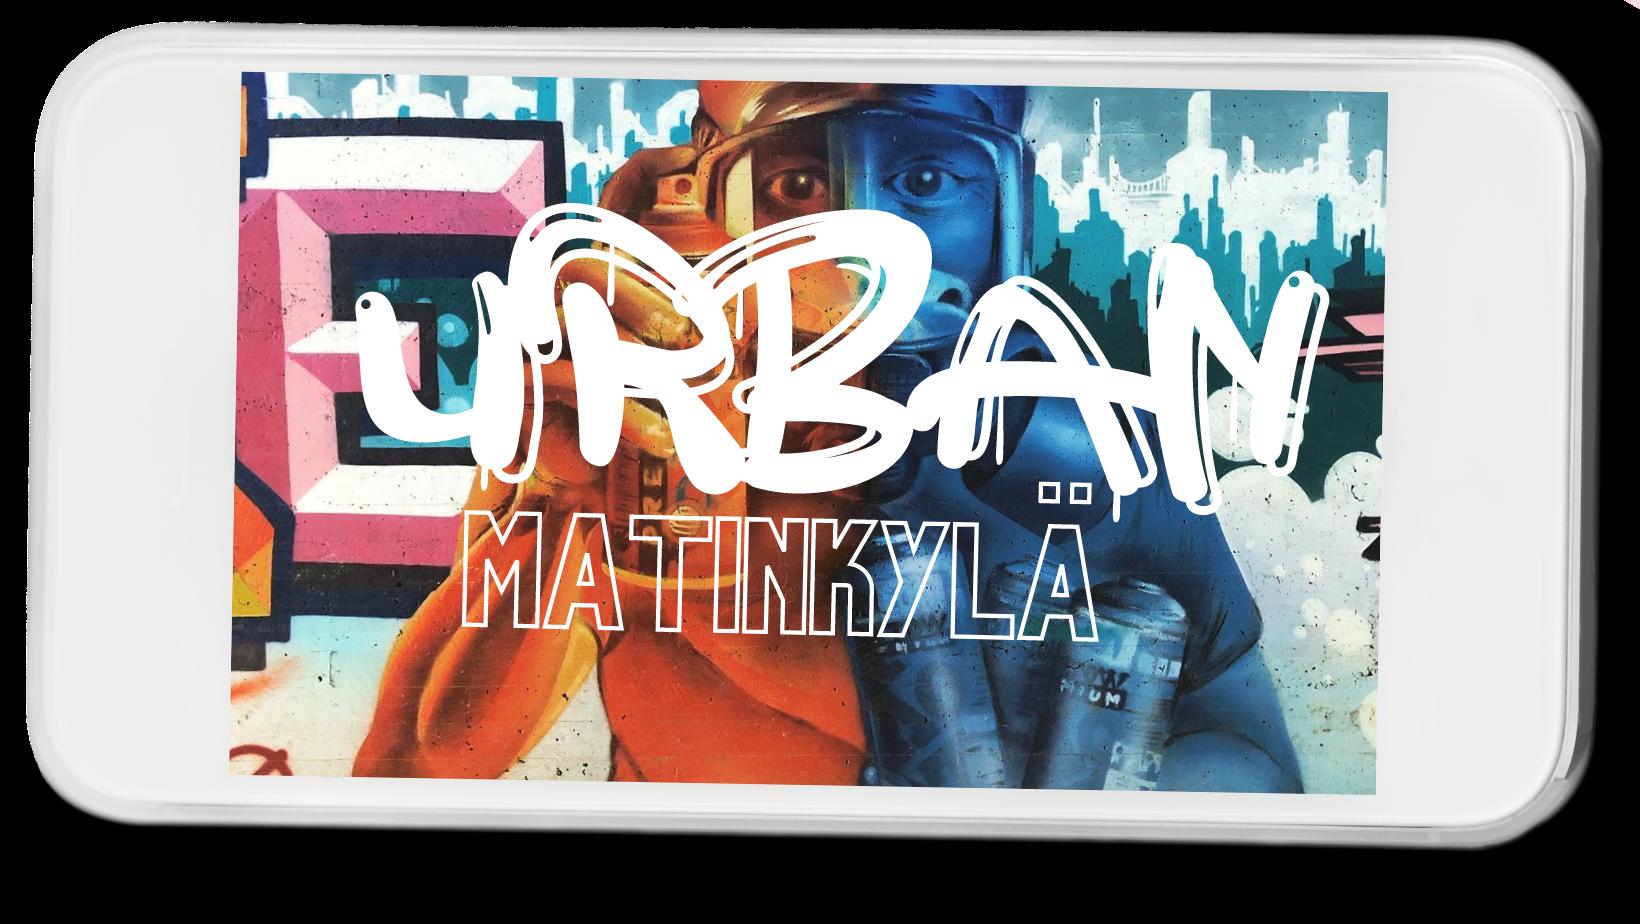 Urban Matinkylä -ulkopakopeli